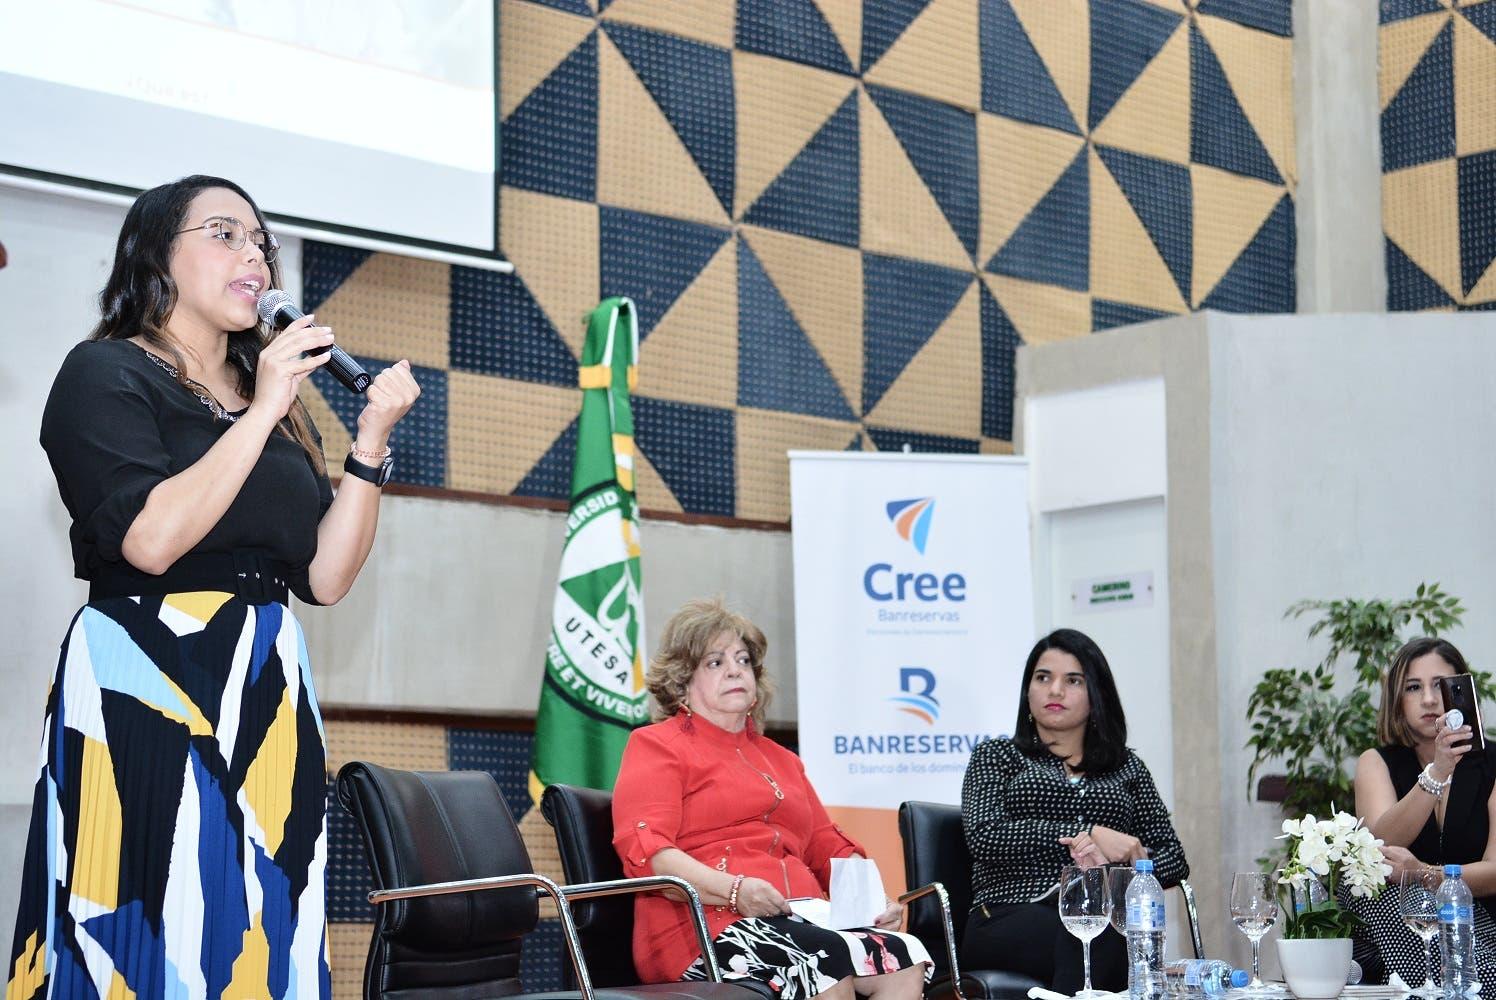 Banreservas auspicia Semana Global de Emprendimiento en República Dominicana